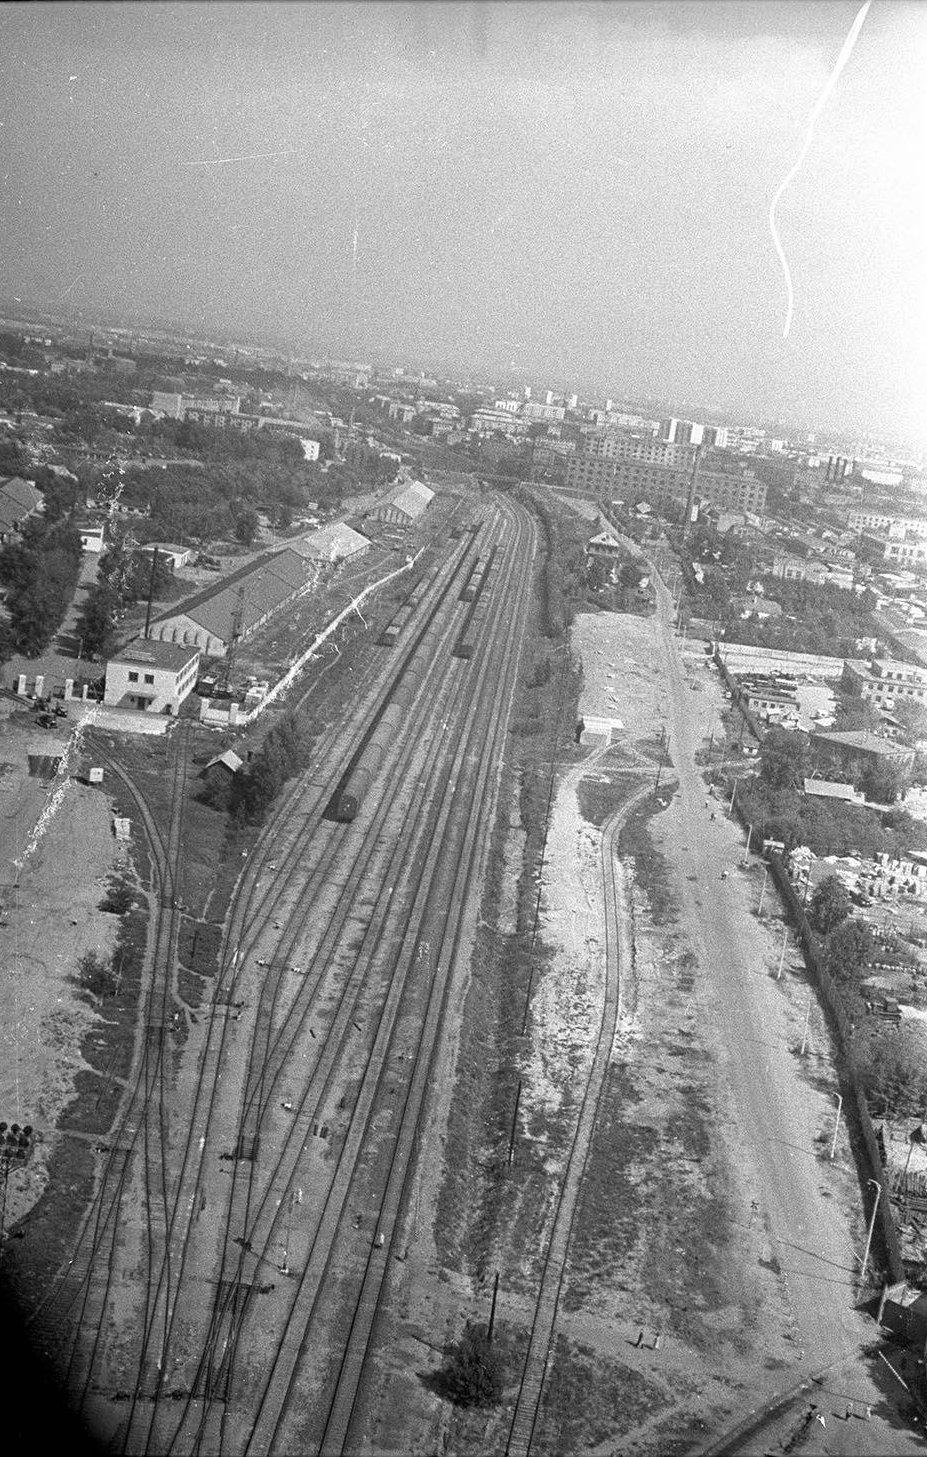 1965. Волоколамское шоссе. Железнодорожные магистрали